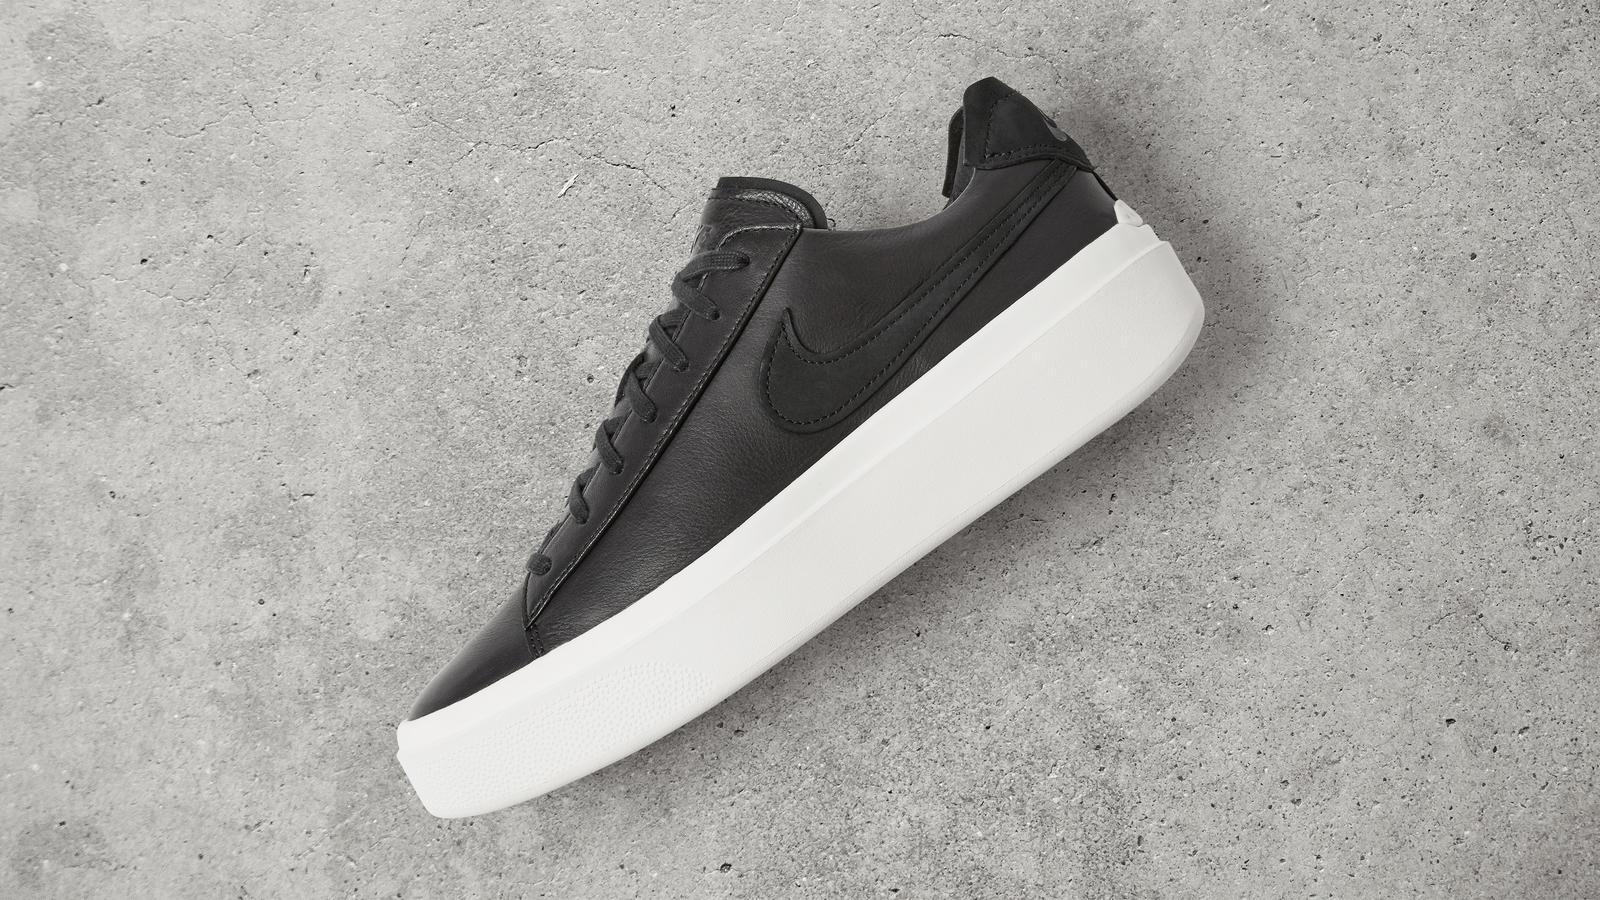 170512 footwear gran volee blk 0374 hd 1600